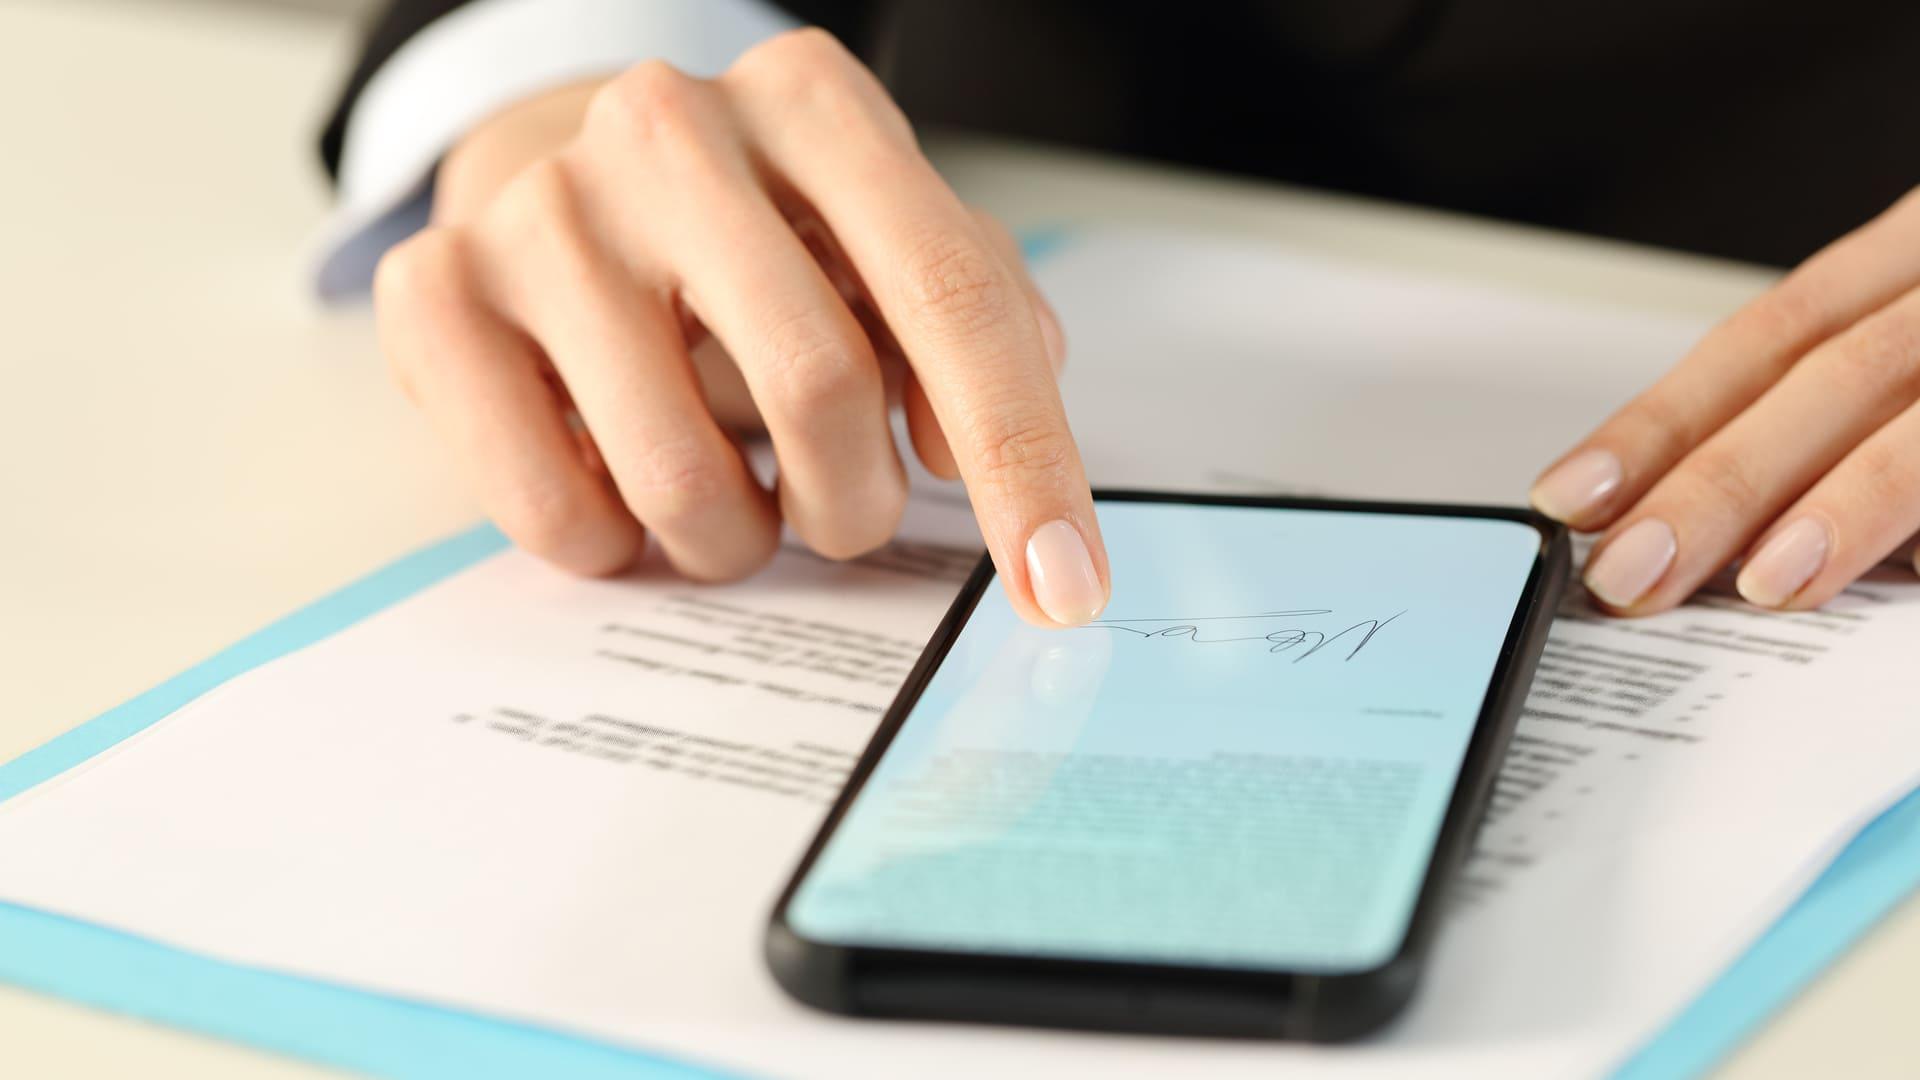 Saber como fazer assinatura digital atualmente é um dos meios mais seguros de assinar contratos (Foto: Shutterstock)